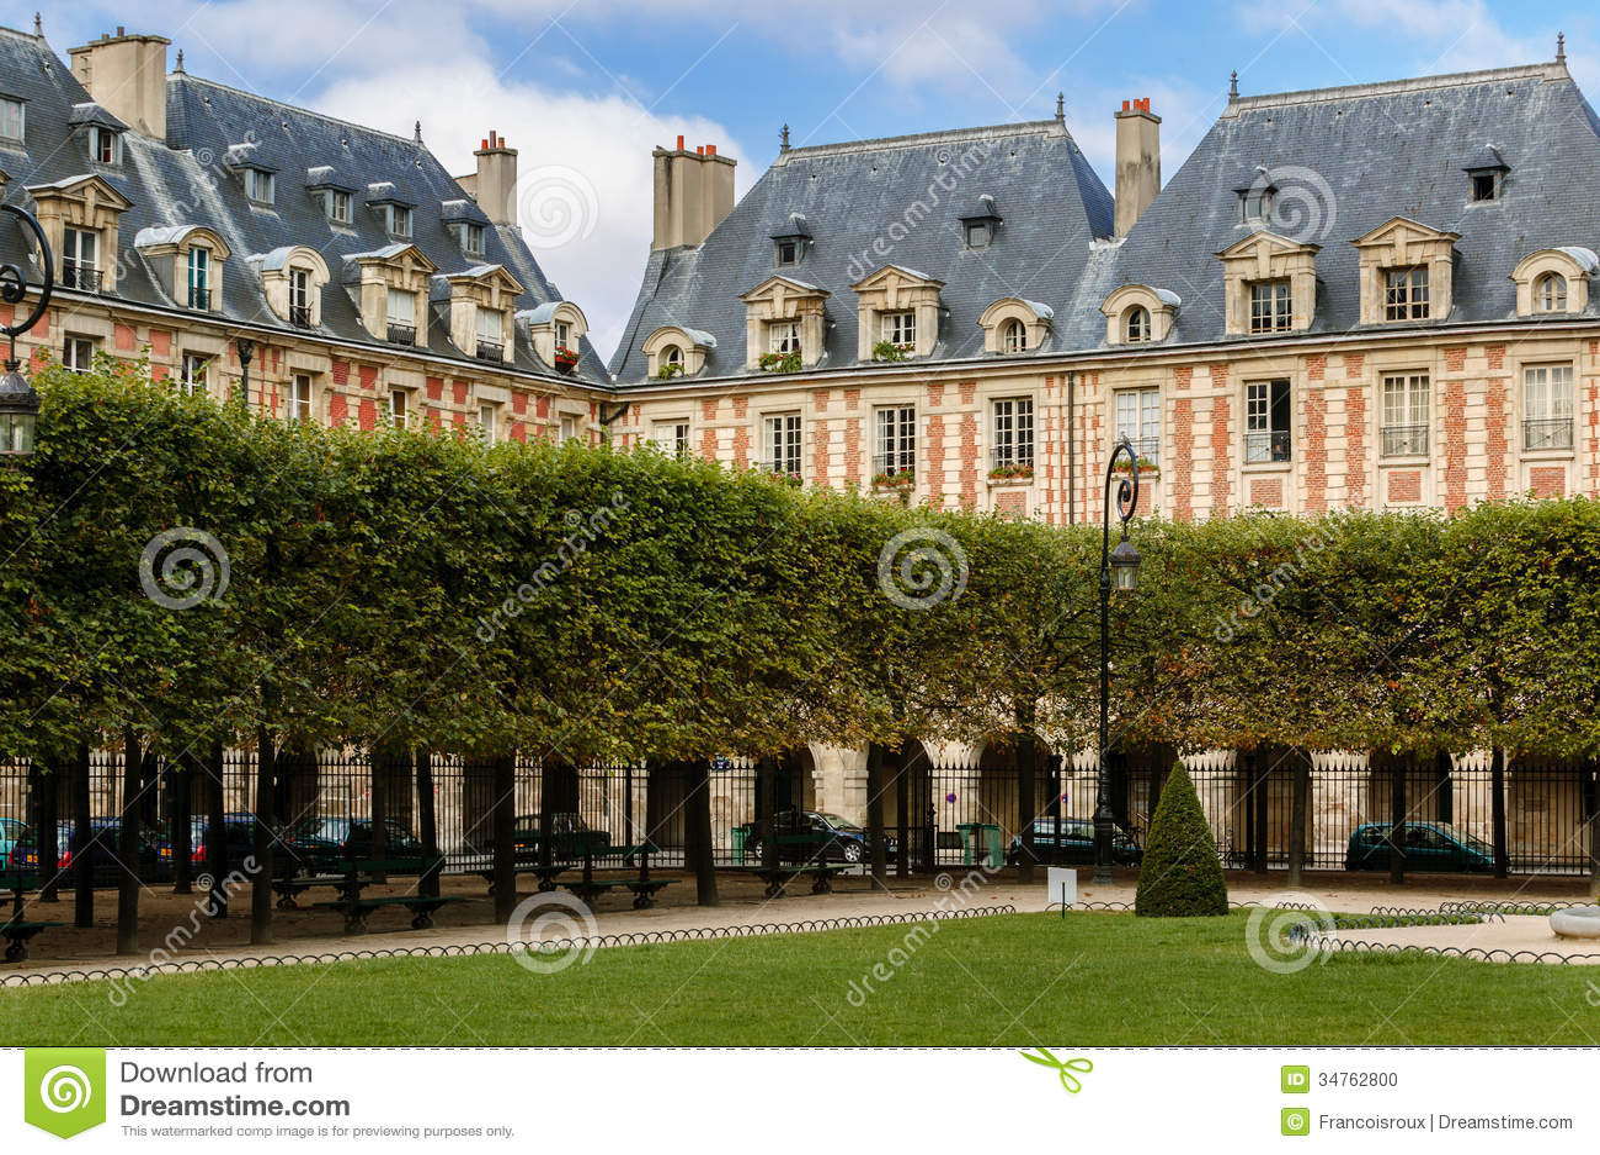 place des vosges square in le marais paris fran stock photo image of bank france 34762800. Black Bedroom Furniture Sets. Home Design Ideas